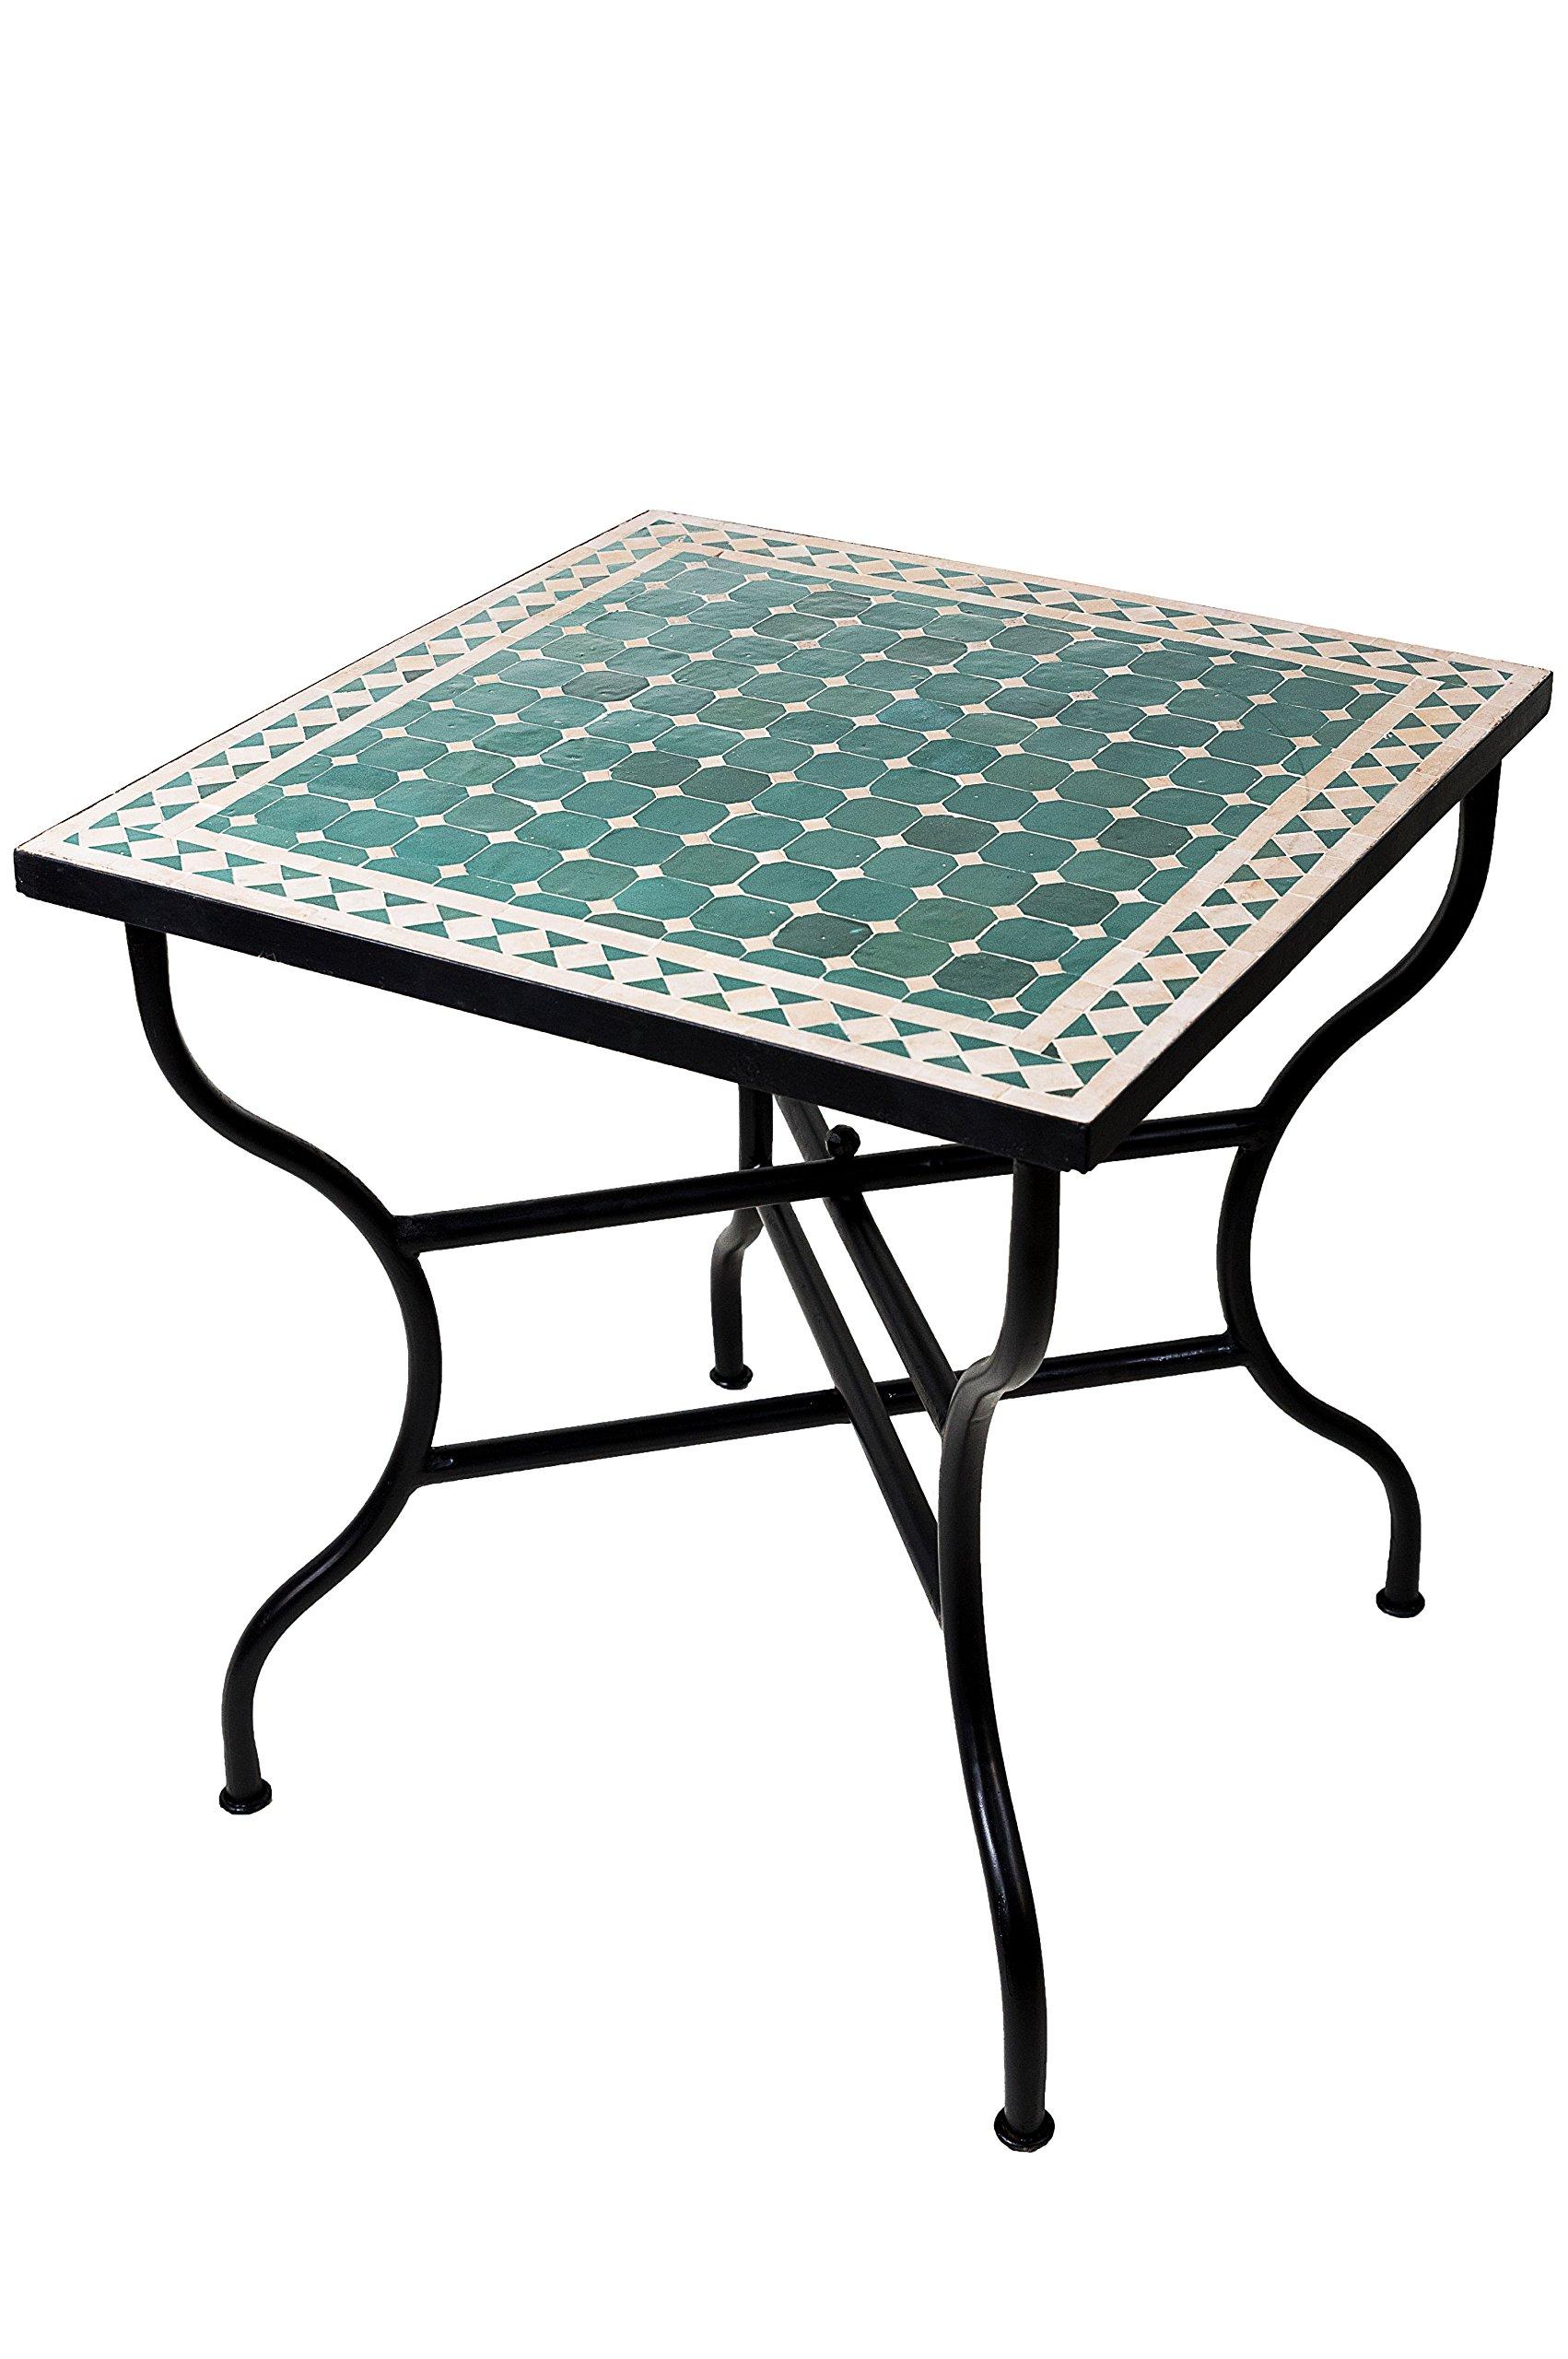 ORIGINAL Marokkanischer Mosaiktisch Gartentisch 30x30cm Groß eckig klappbar   Eckiger klappbarer Mosaik Esstisch Mediterran  als Klapptisch für